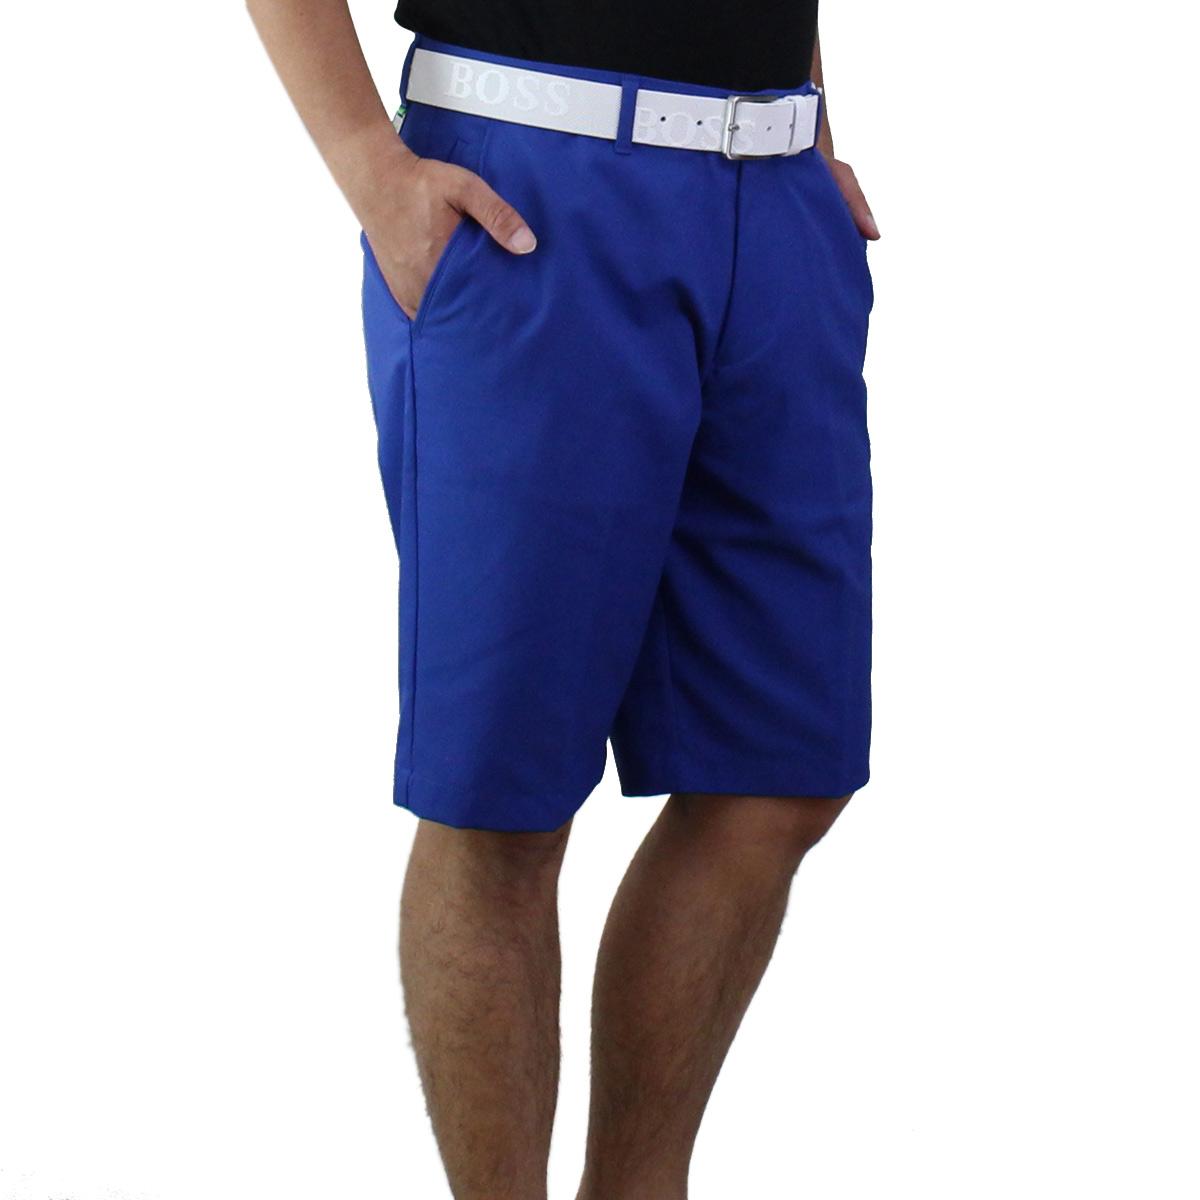 ヒューゴ ボス HUGO BOSS HYLER 8-1 メンズ ハーフパンツ ゴルフウェア 50371191 10172225 462 ブルー系 メンズ【キャッシュレス 5% 還元】